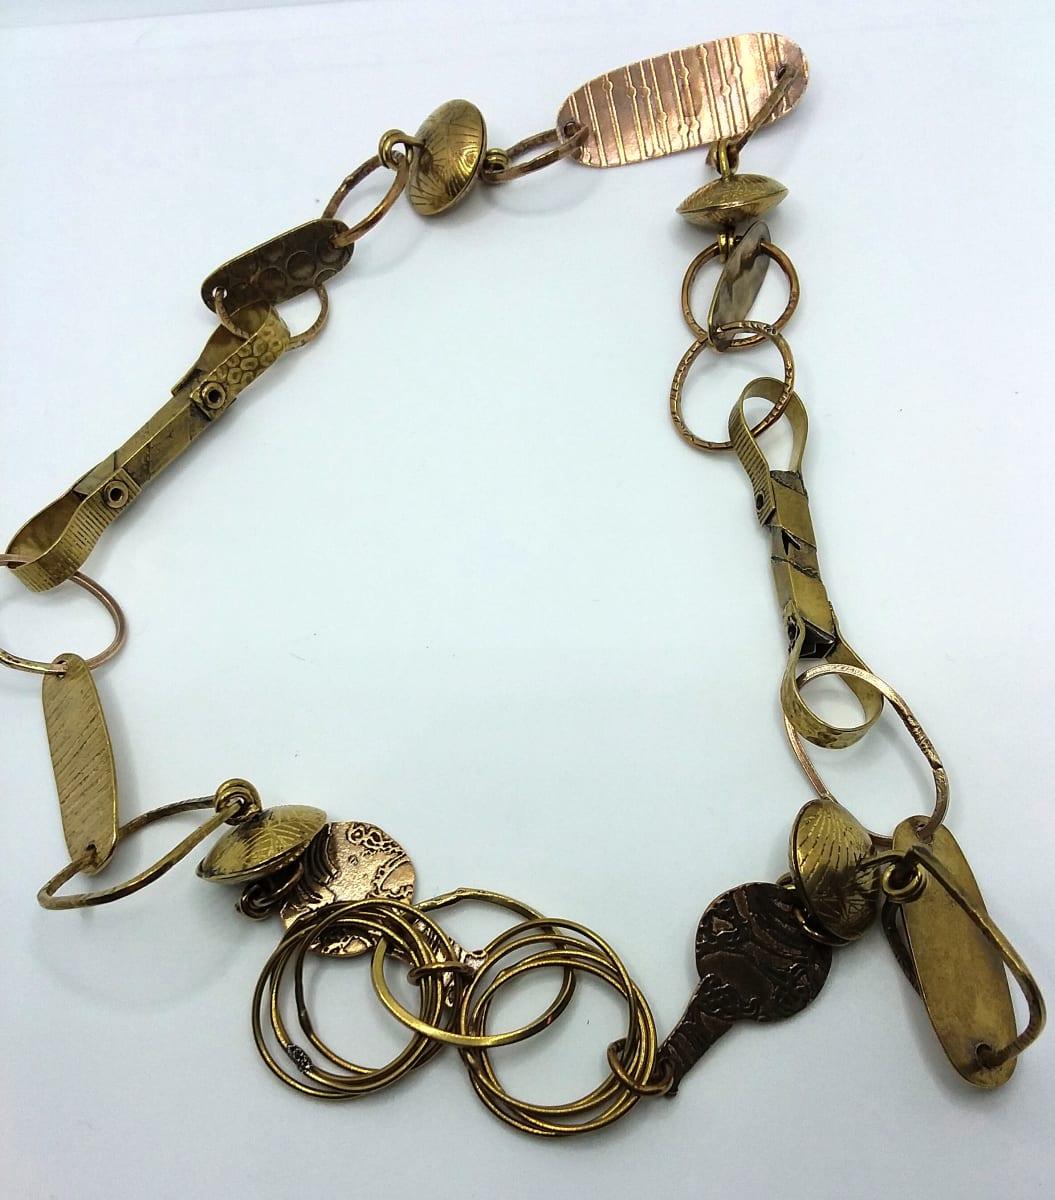 My Fancy Chain II by Judi Werner